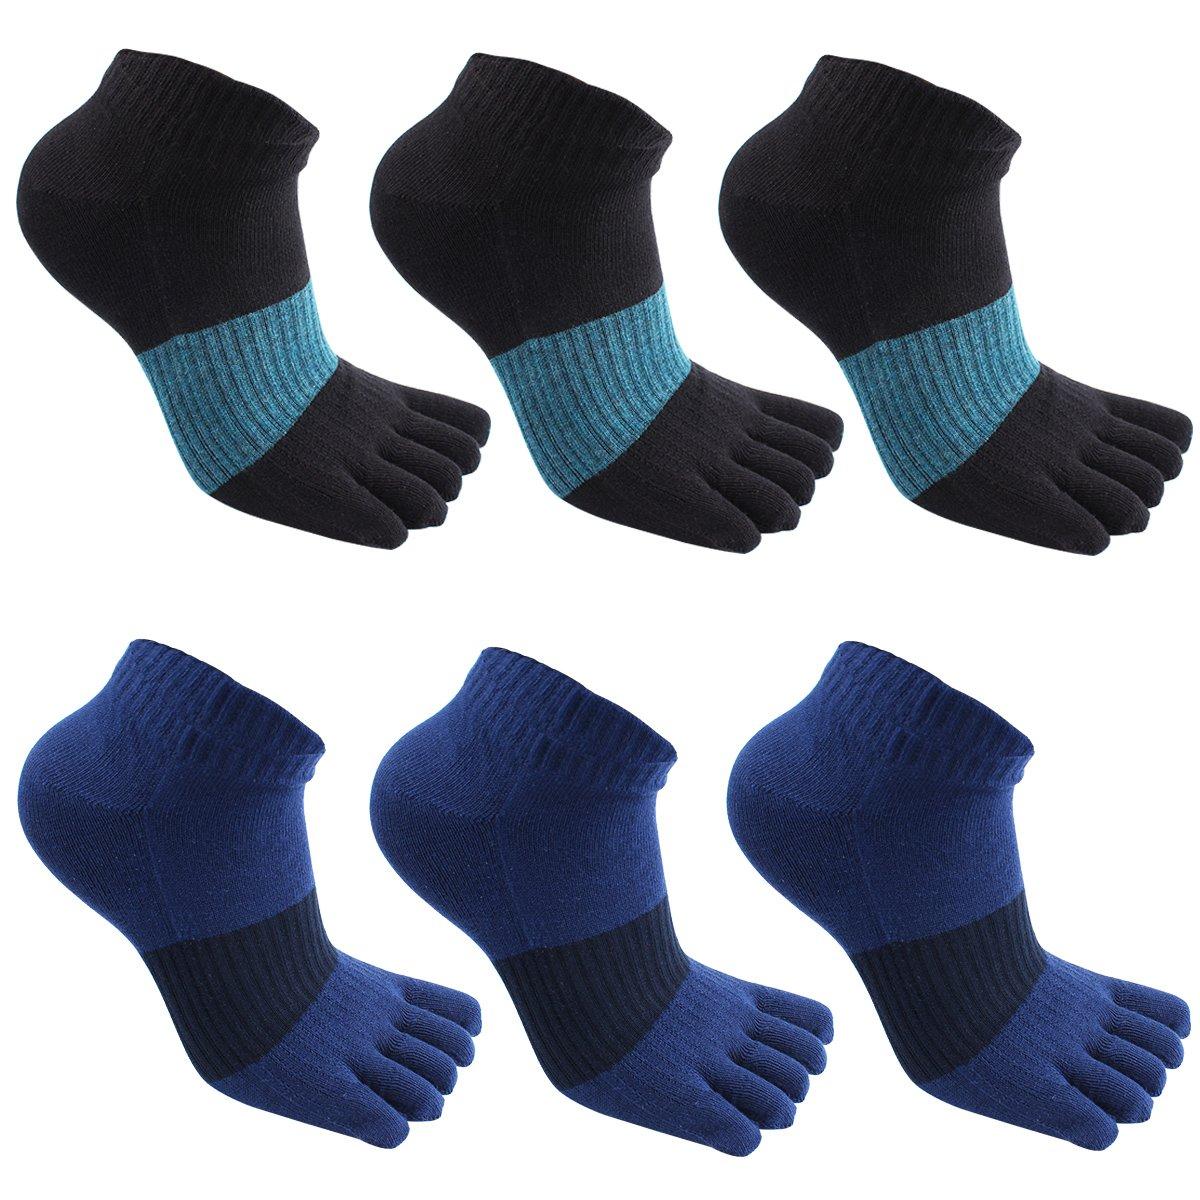 Mens Cotton Toe Socks Running Five Finger socks No Show Crew Socks for Men toe socks 2+hll-18